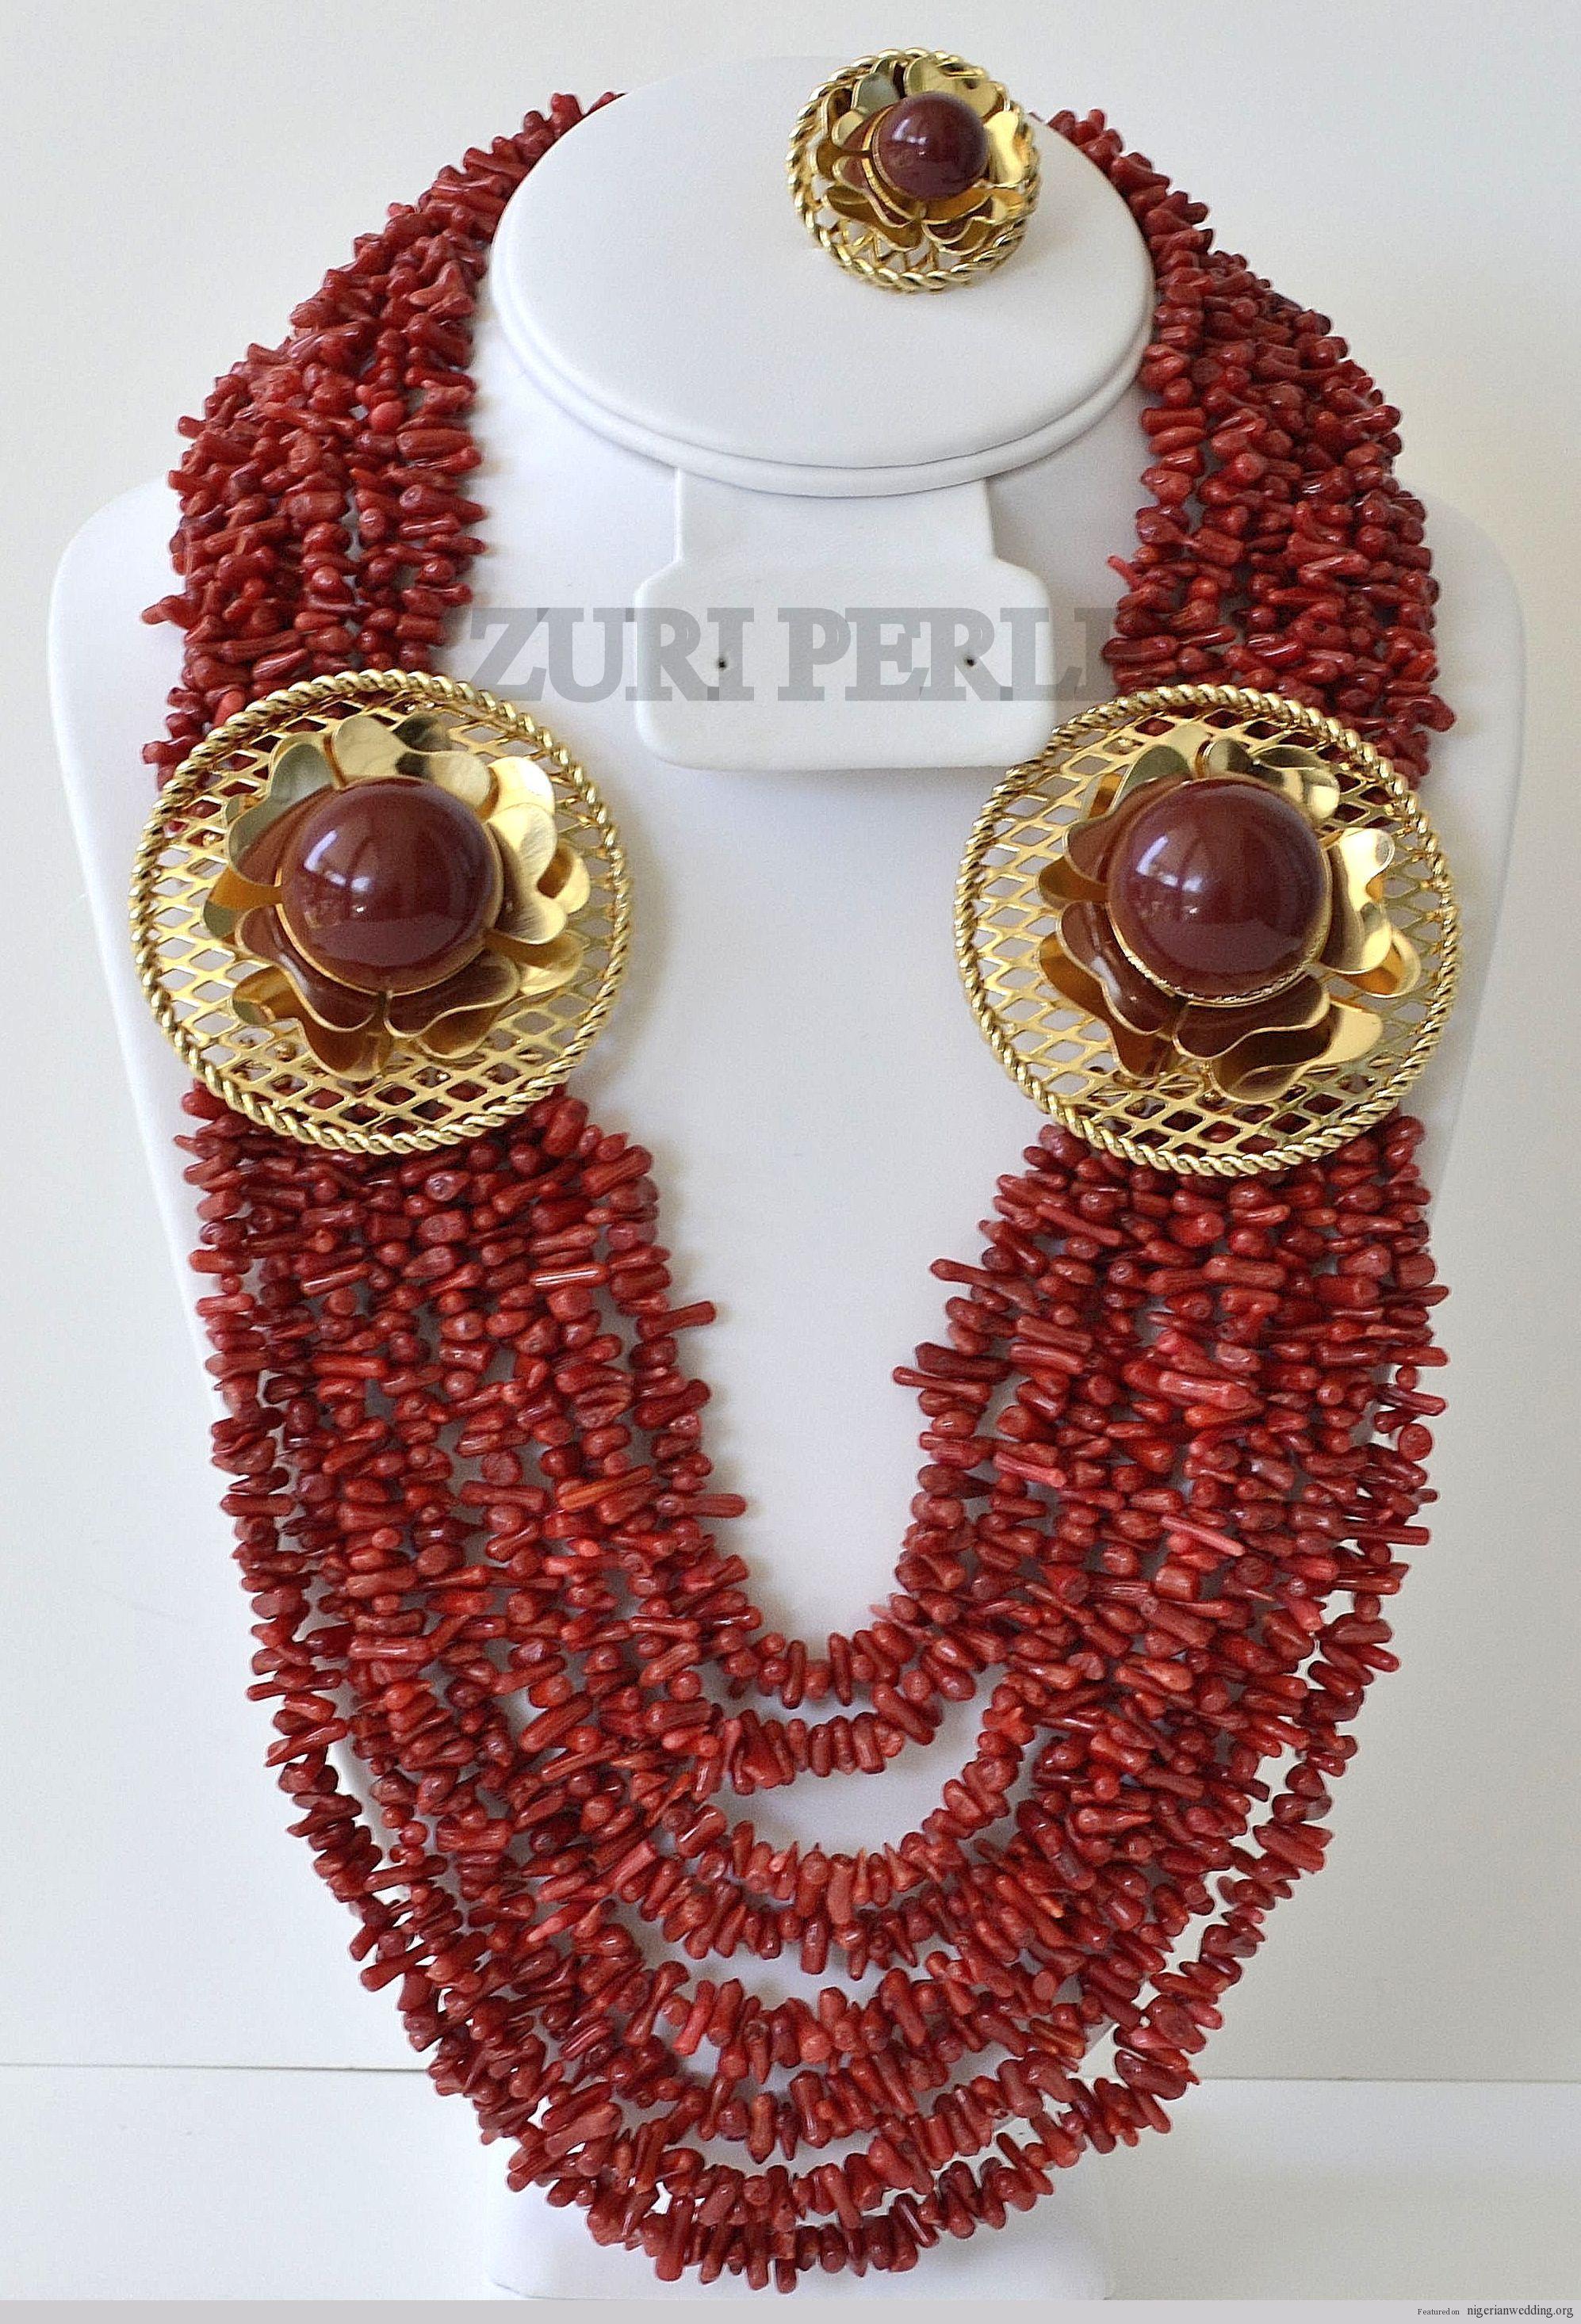 ZURIPEARLRedcoralchipjewelry | African accessories | Pinterest ...